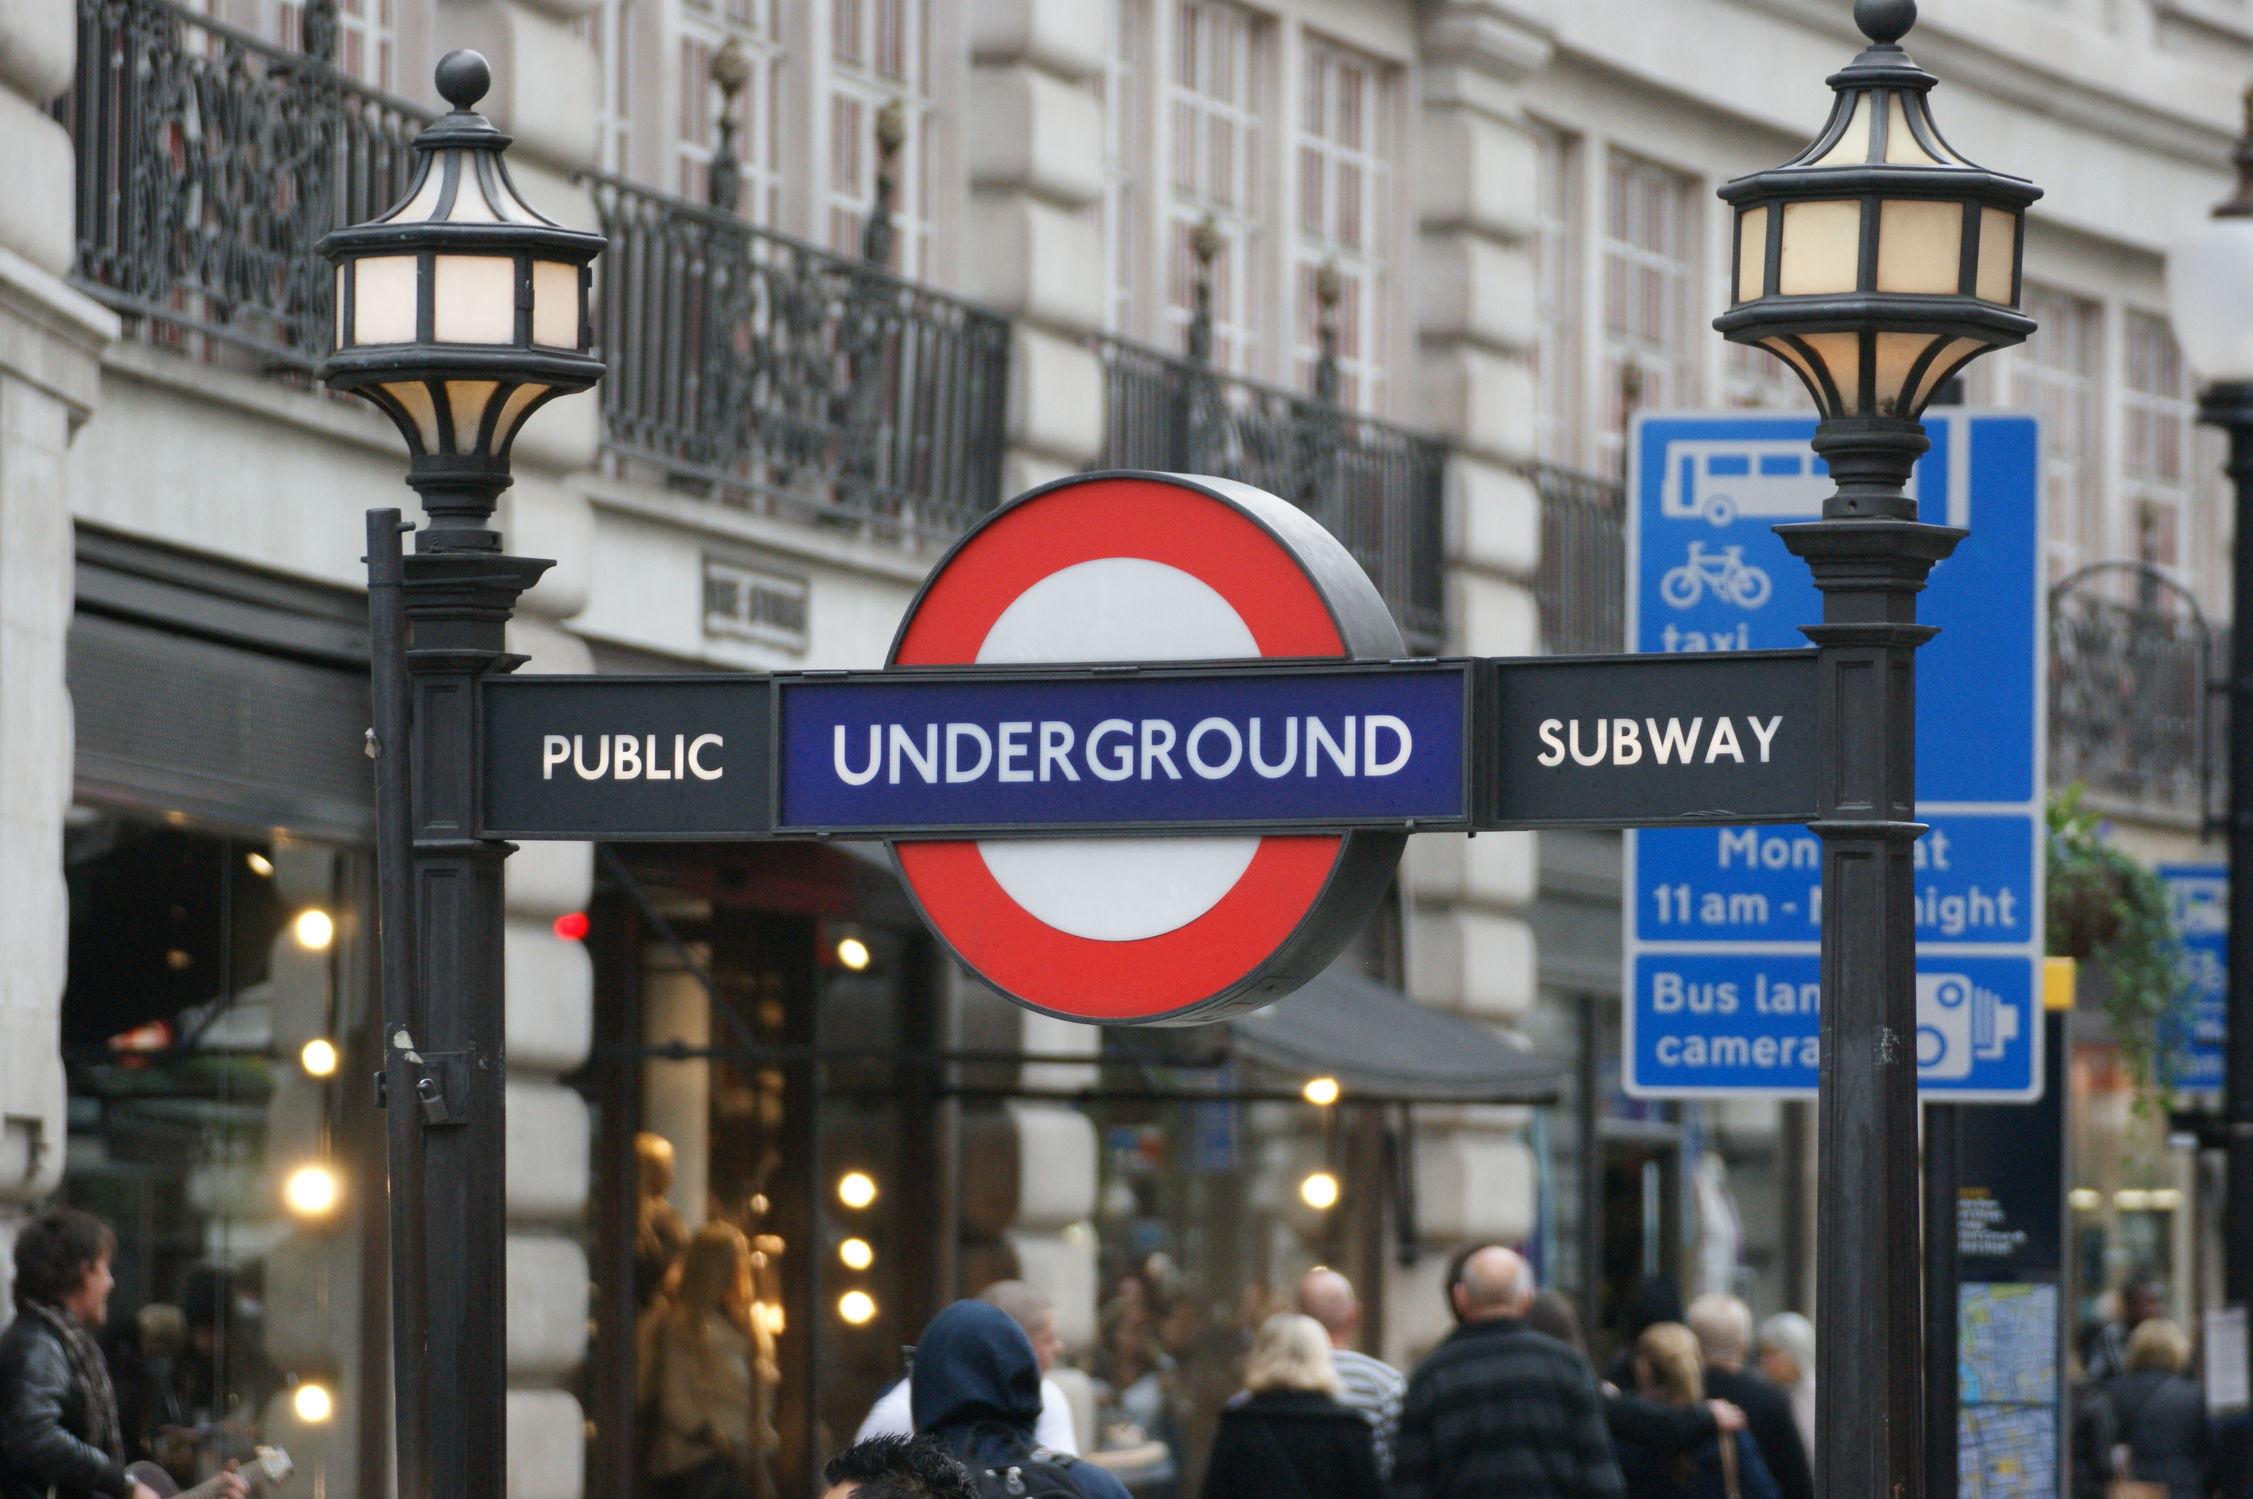 Bild mit London, subway, London Underground, sign, U Bahn